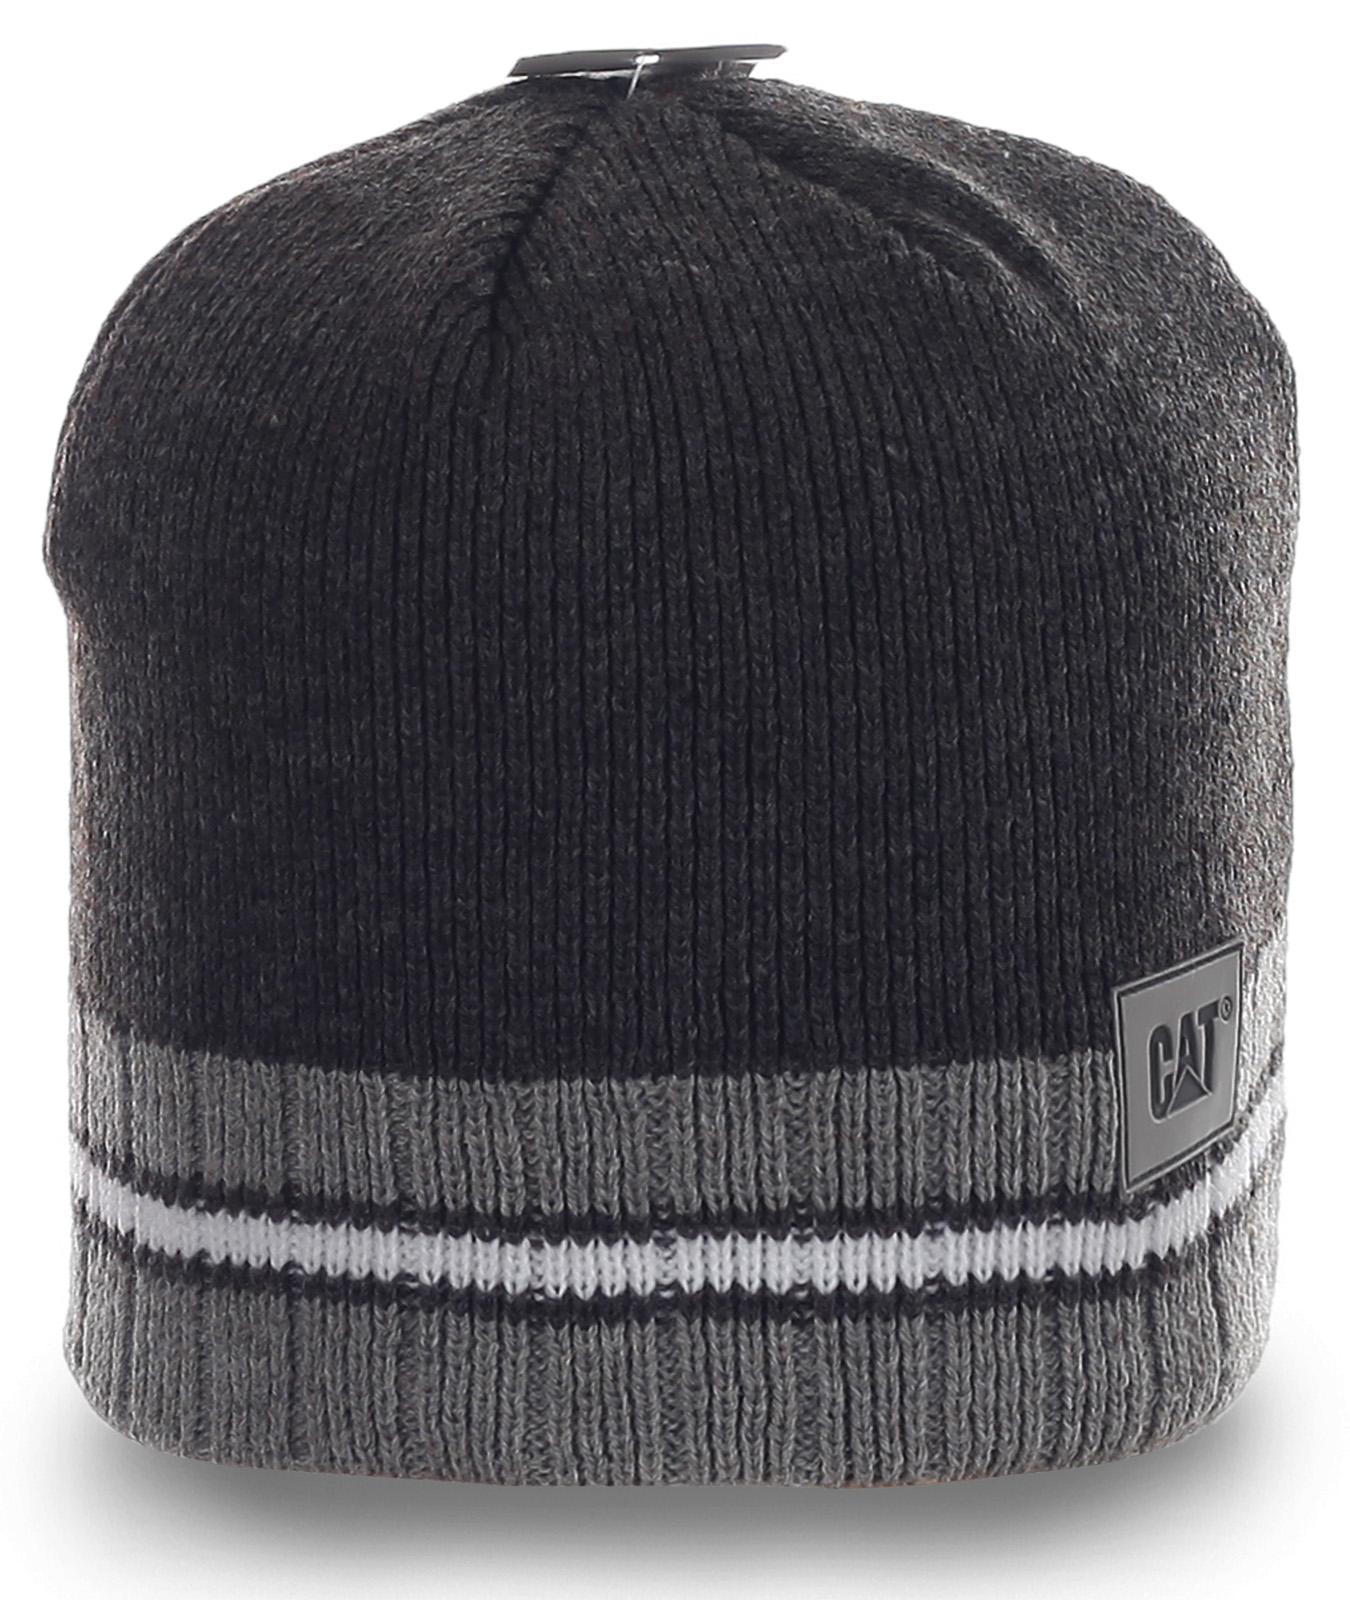 Городская стильная шапка для серьезных мужчин от CAT